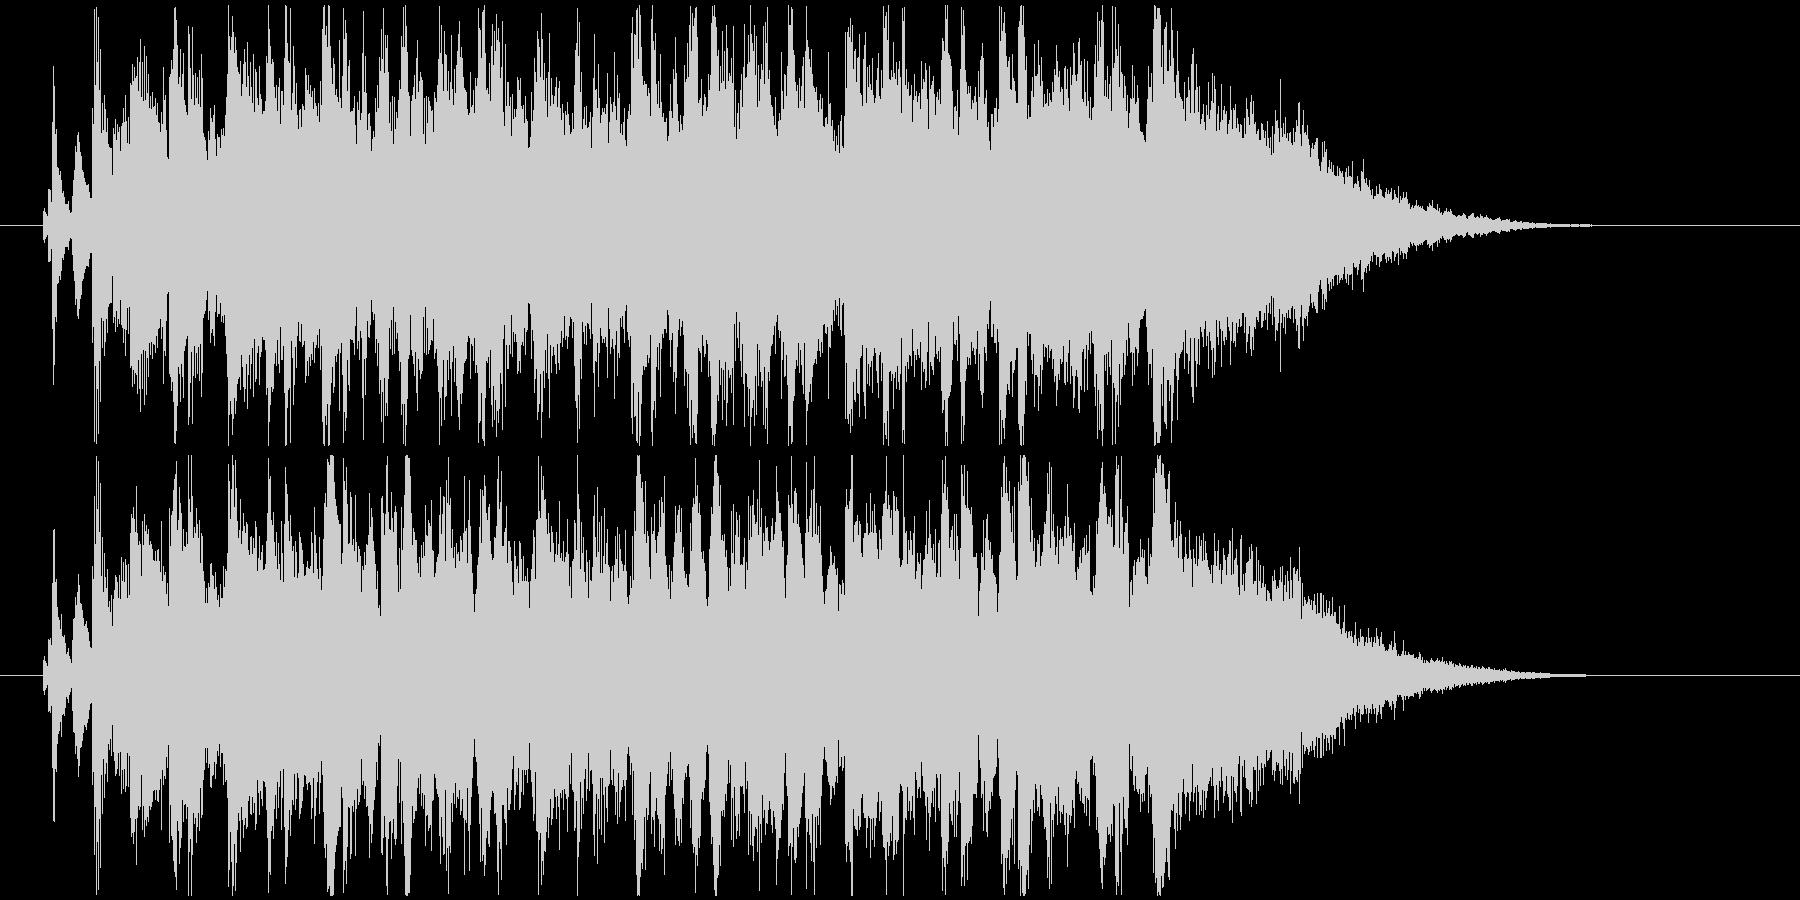 疾走感のあるバンドサウンドのジングルの未再生の波形